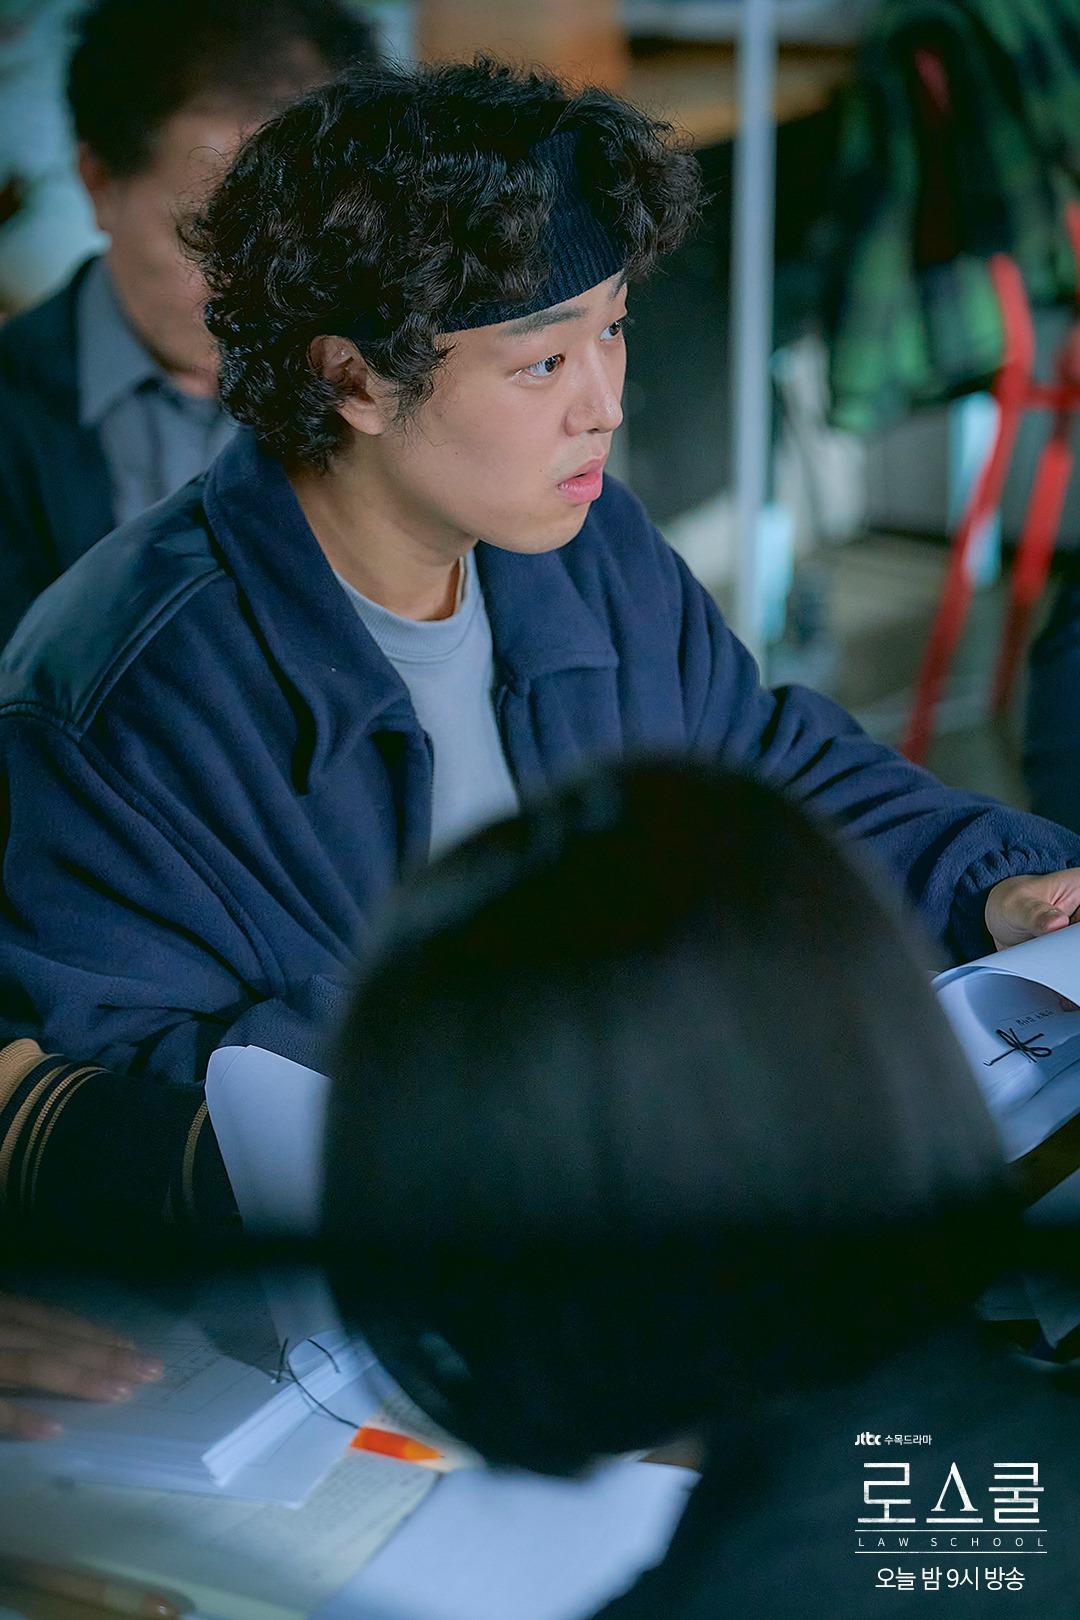 Kang-ji Lee in Law School (2021)